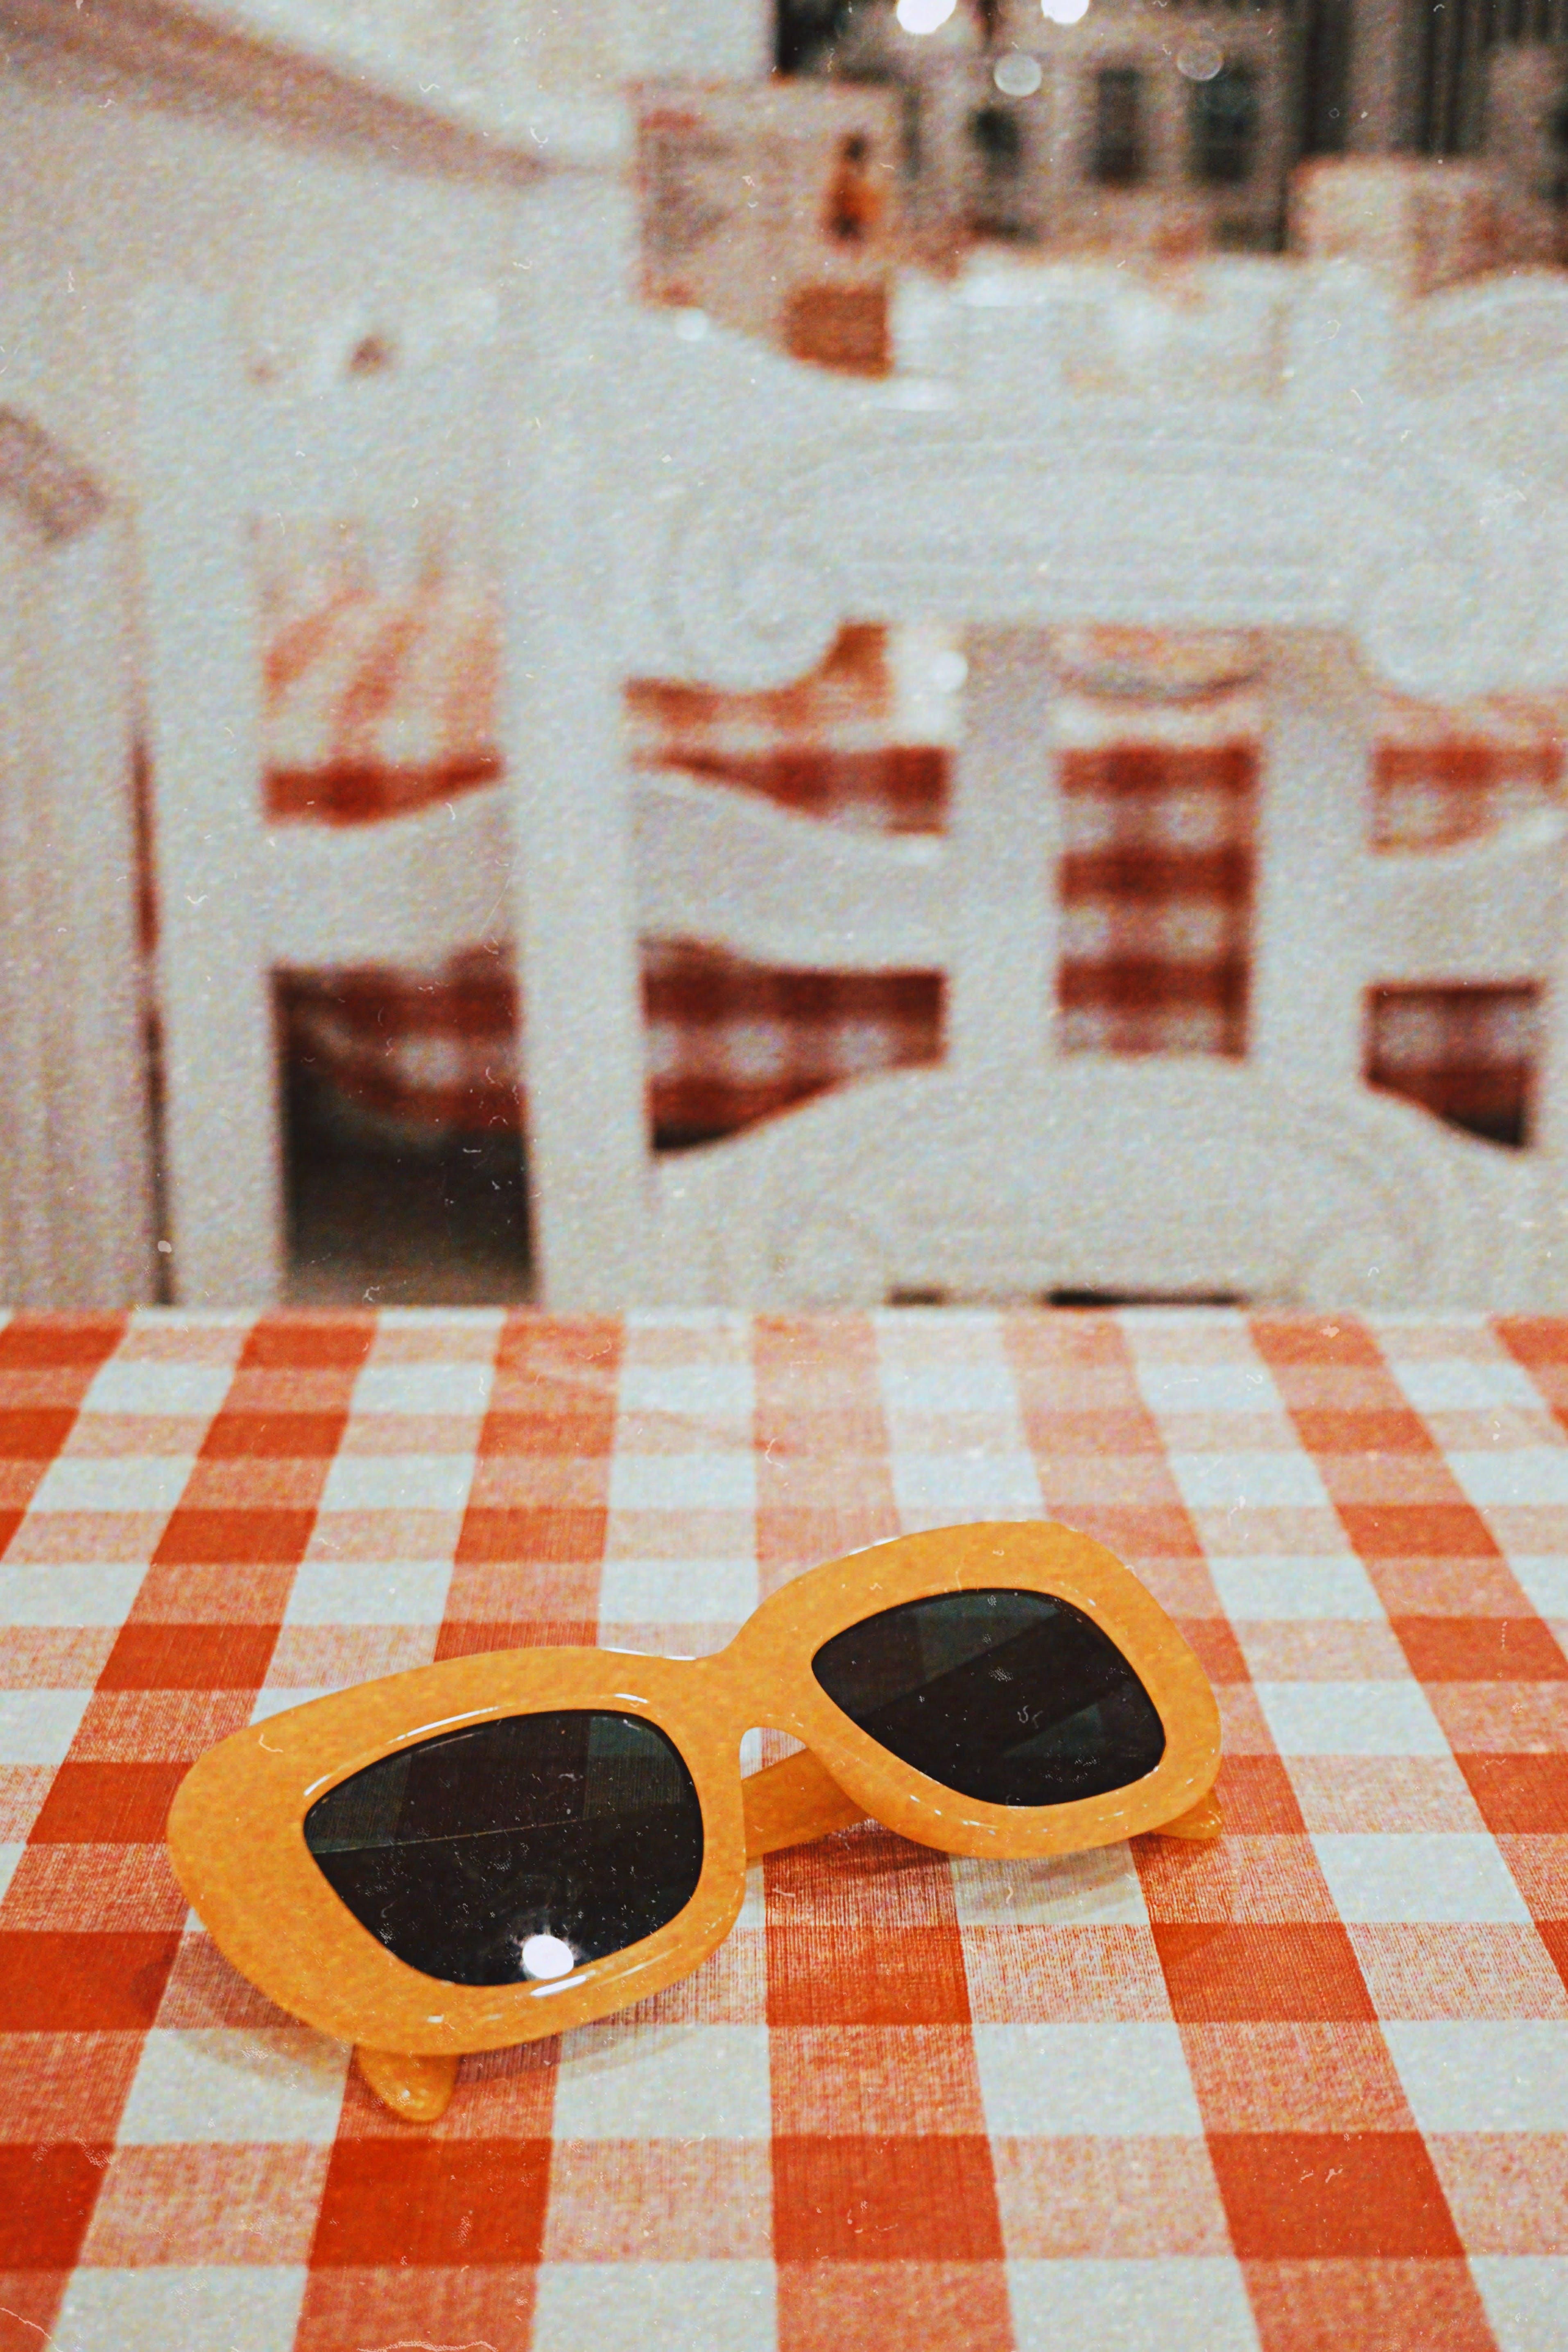 Kostenloses Stock Foto zu sonnenbrille, tabellen, farben, stühle